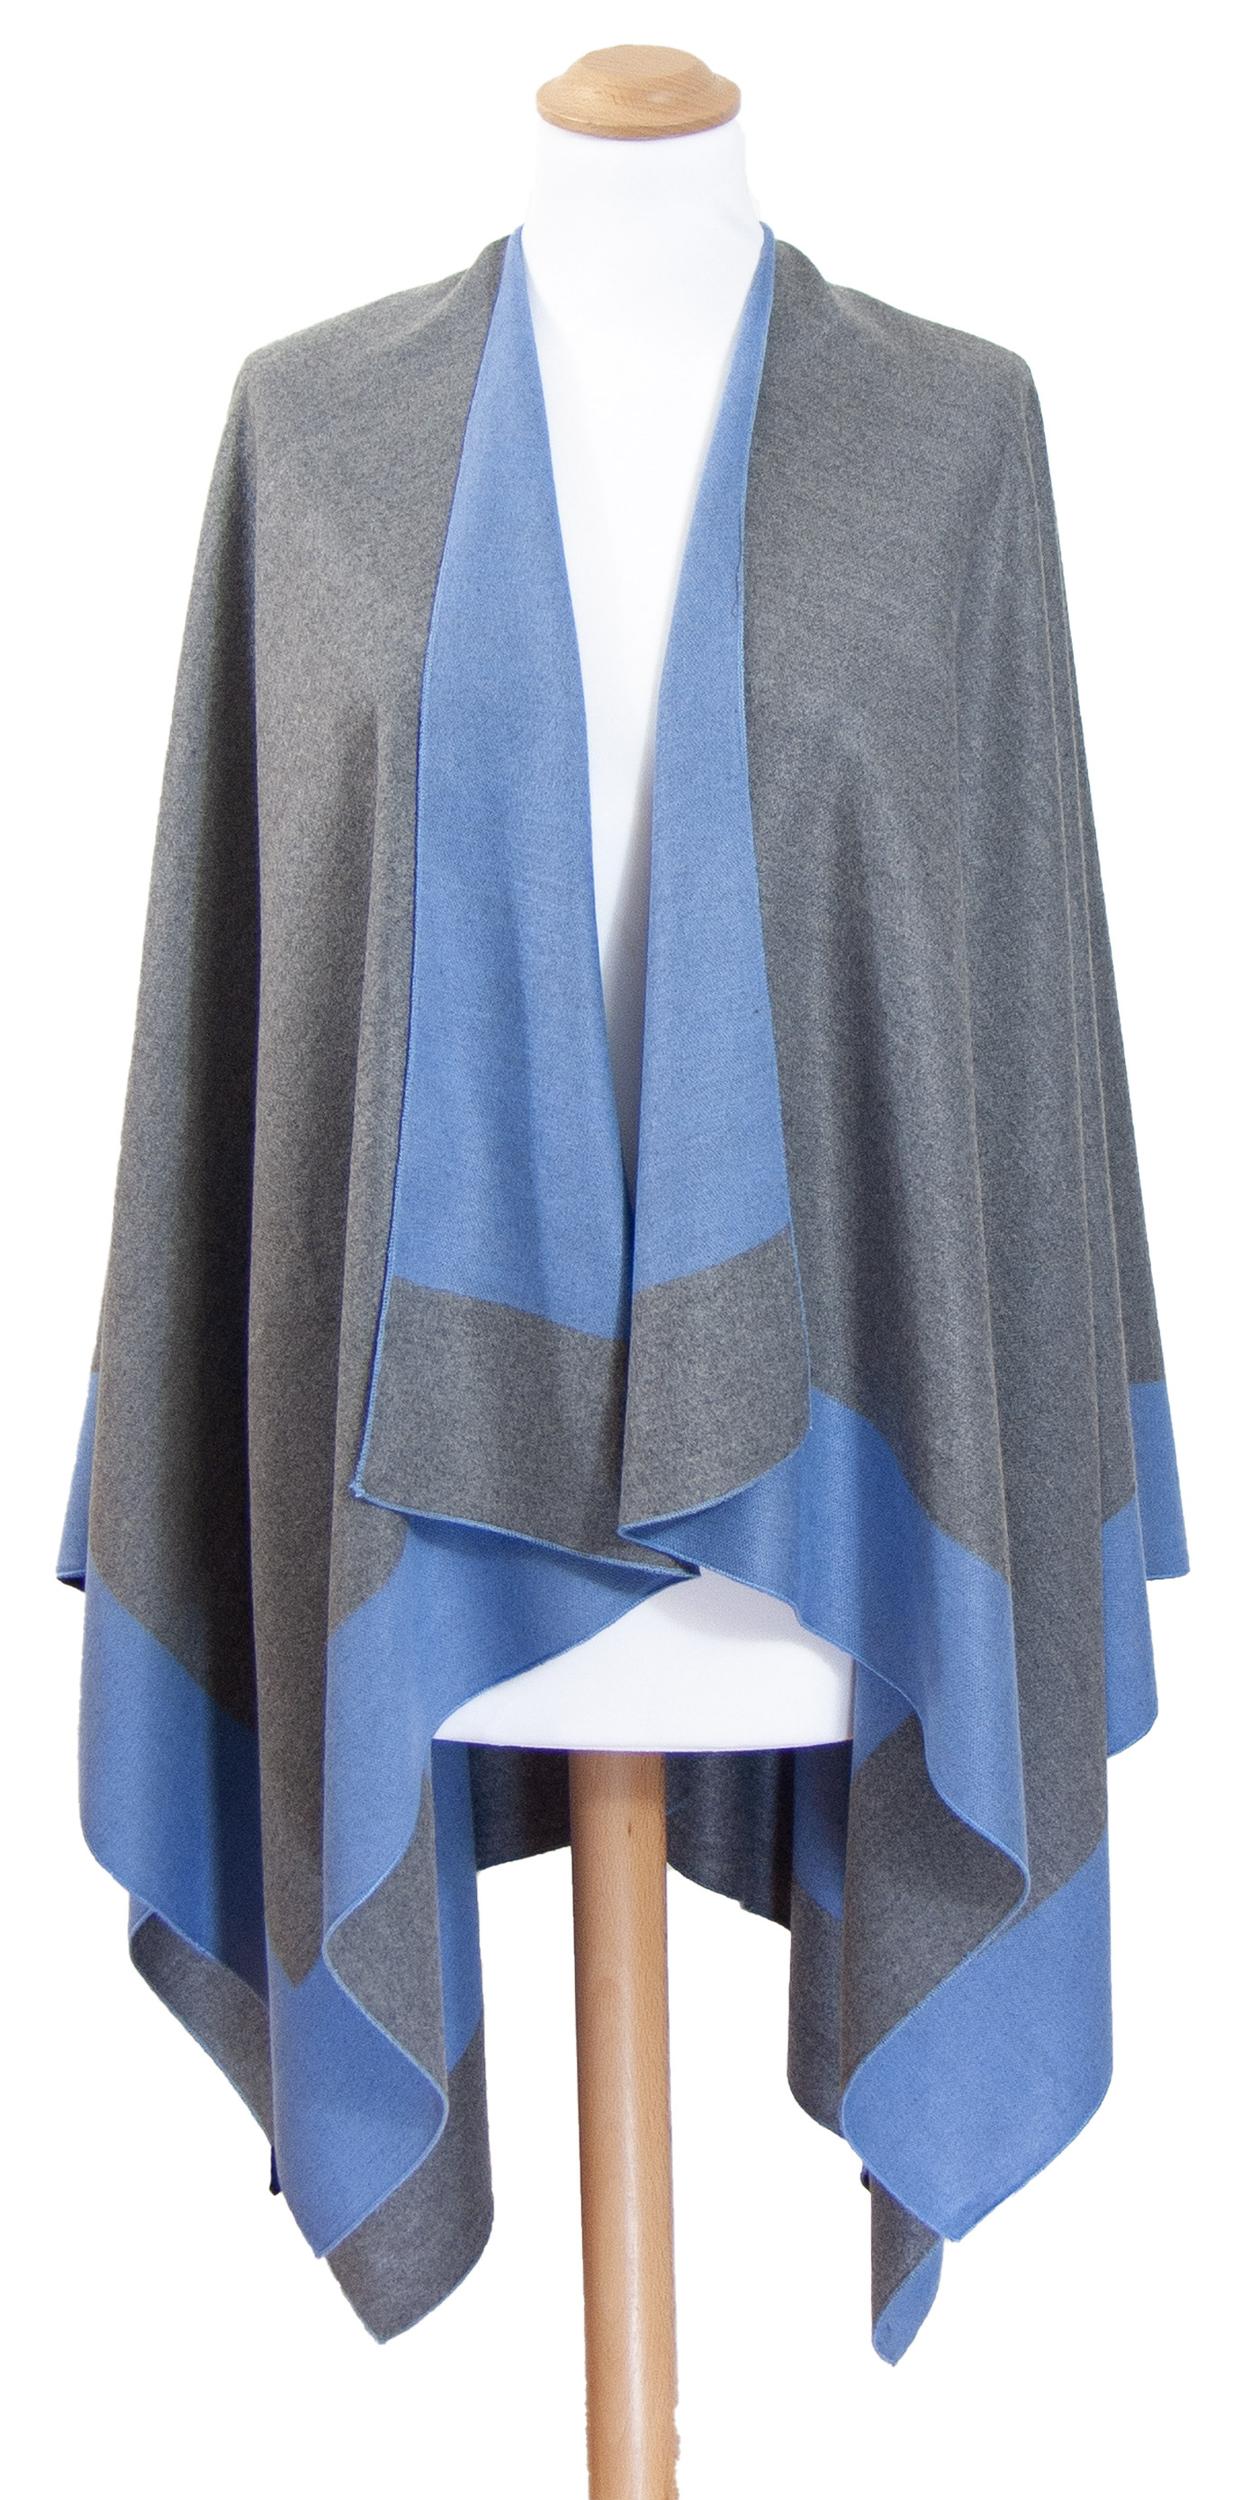 Poncho femme gris et bleu Lise